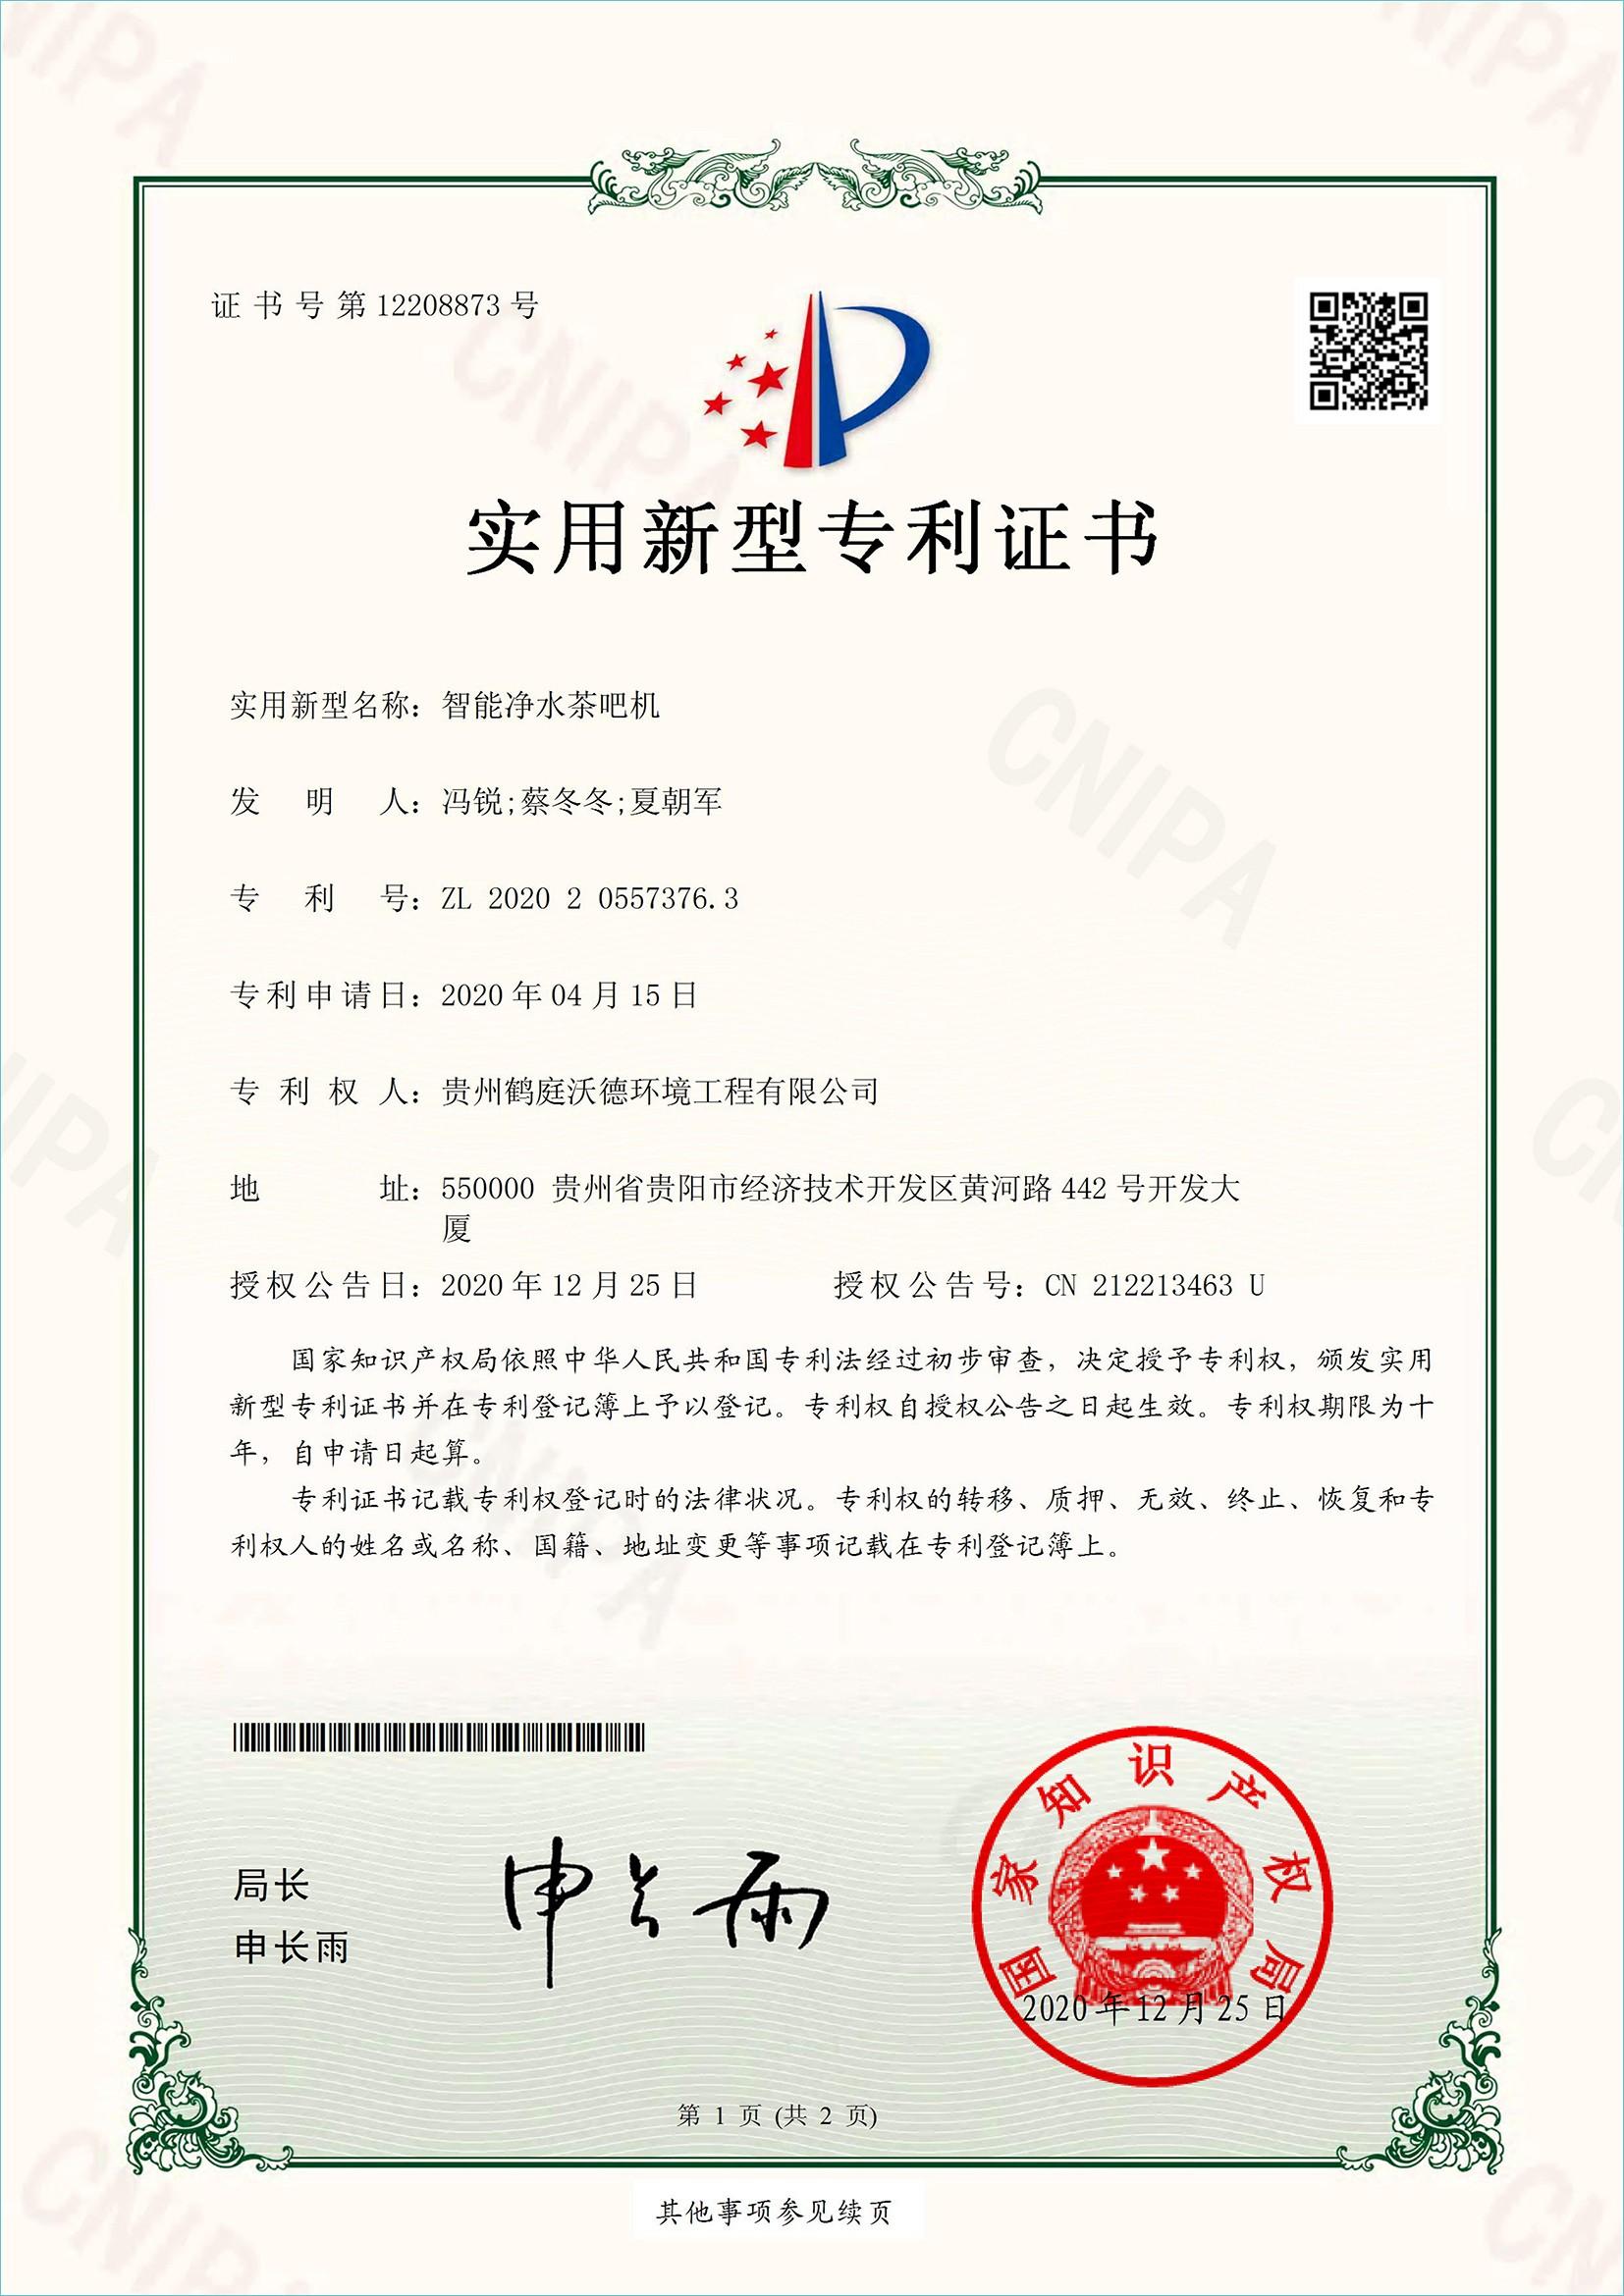 鹤庭专利证书4件_04